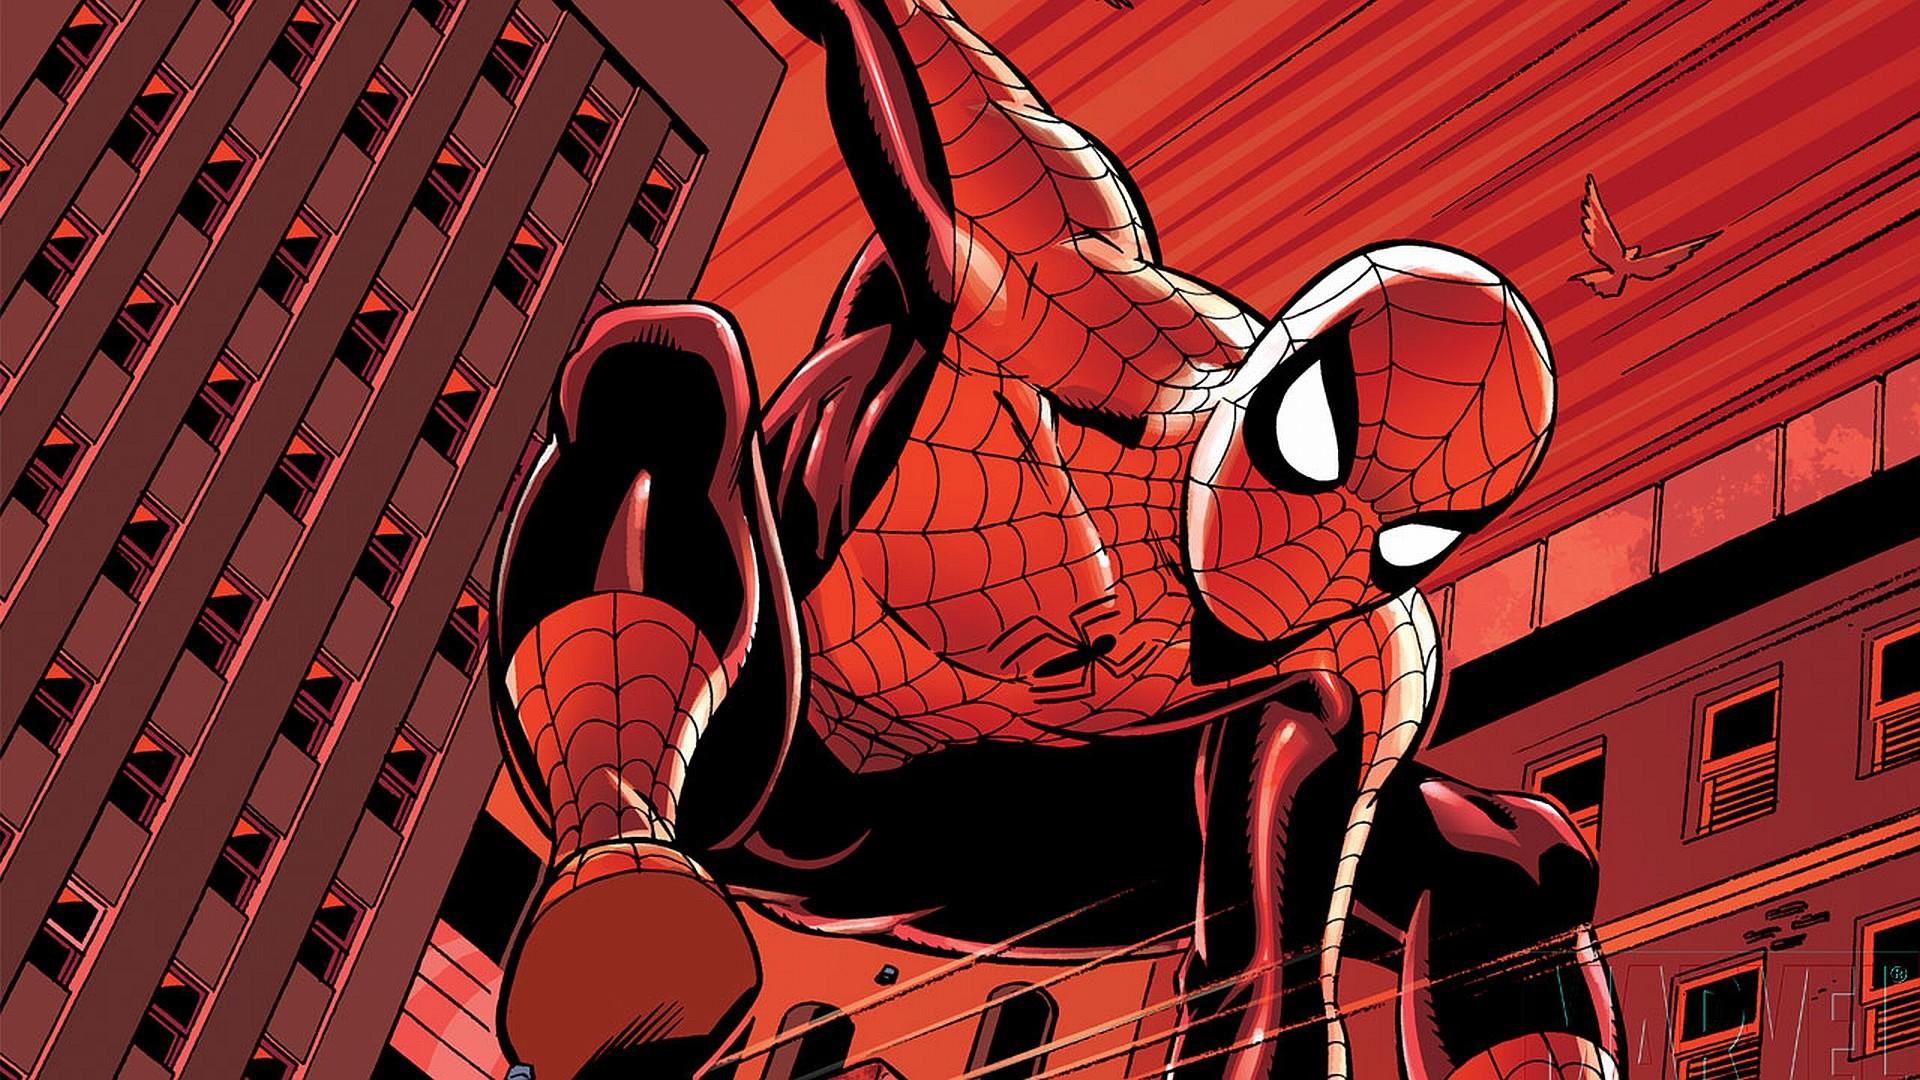 Comics – Spider-Man Wallpaper